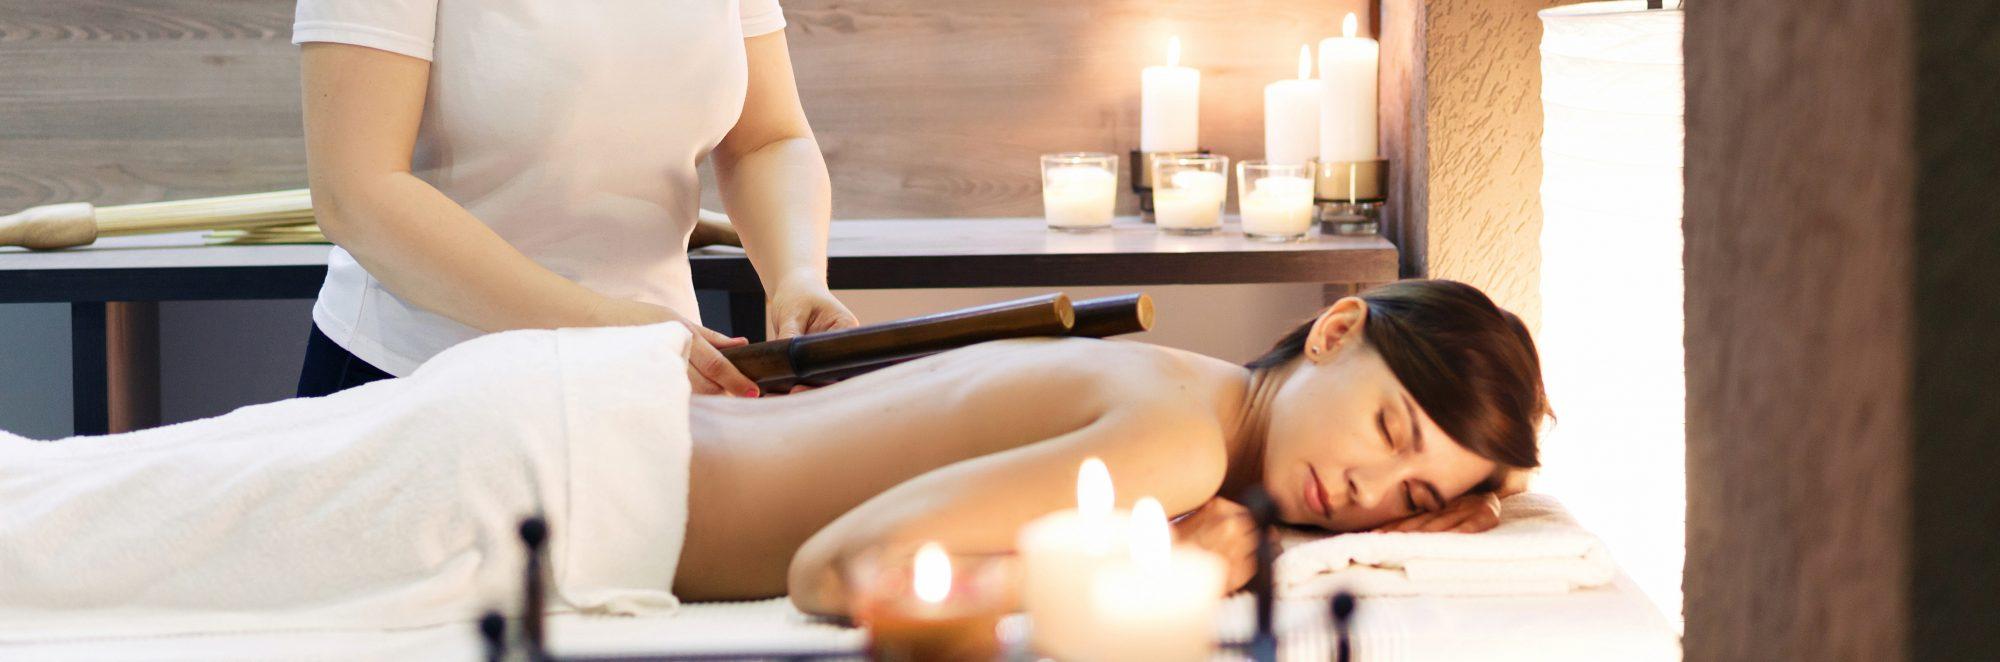 Massage Sittard | Yntensa – Massage & Acupressuur Praktijk